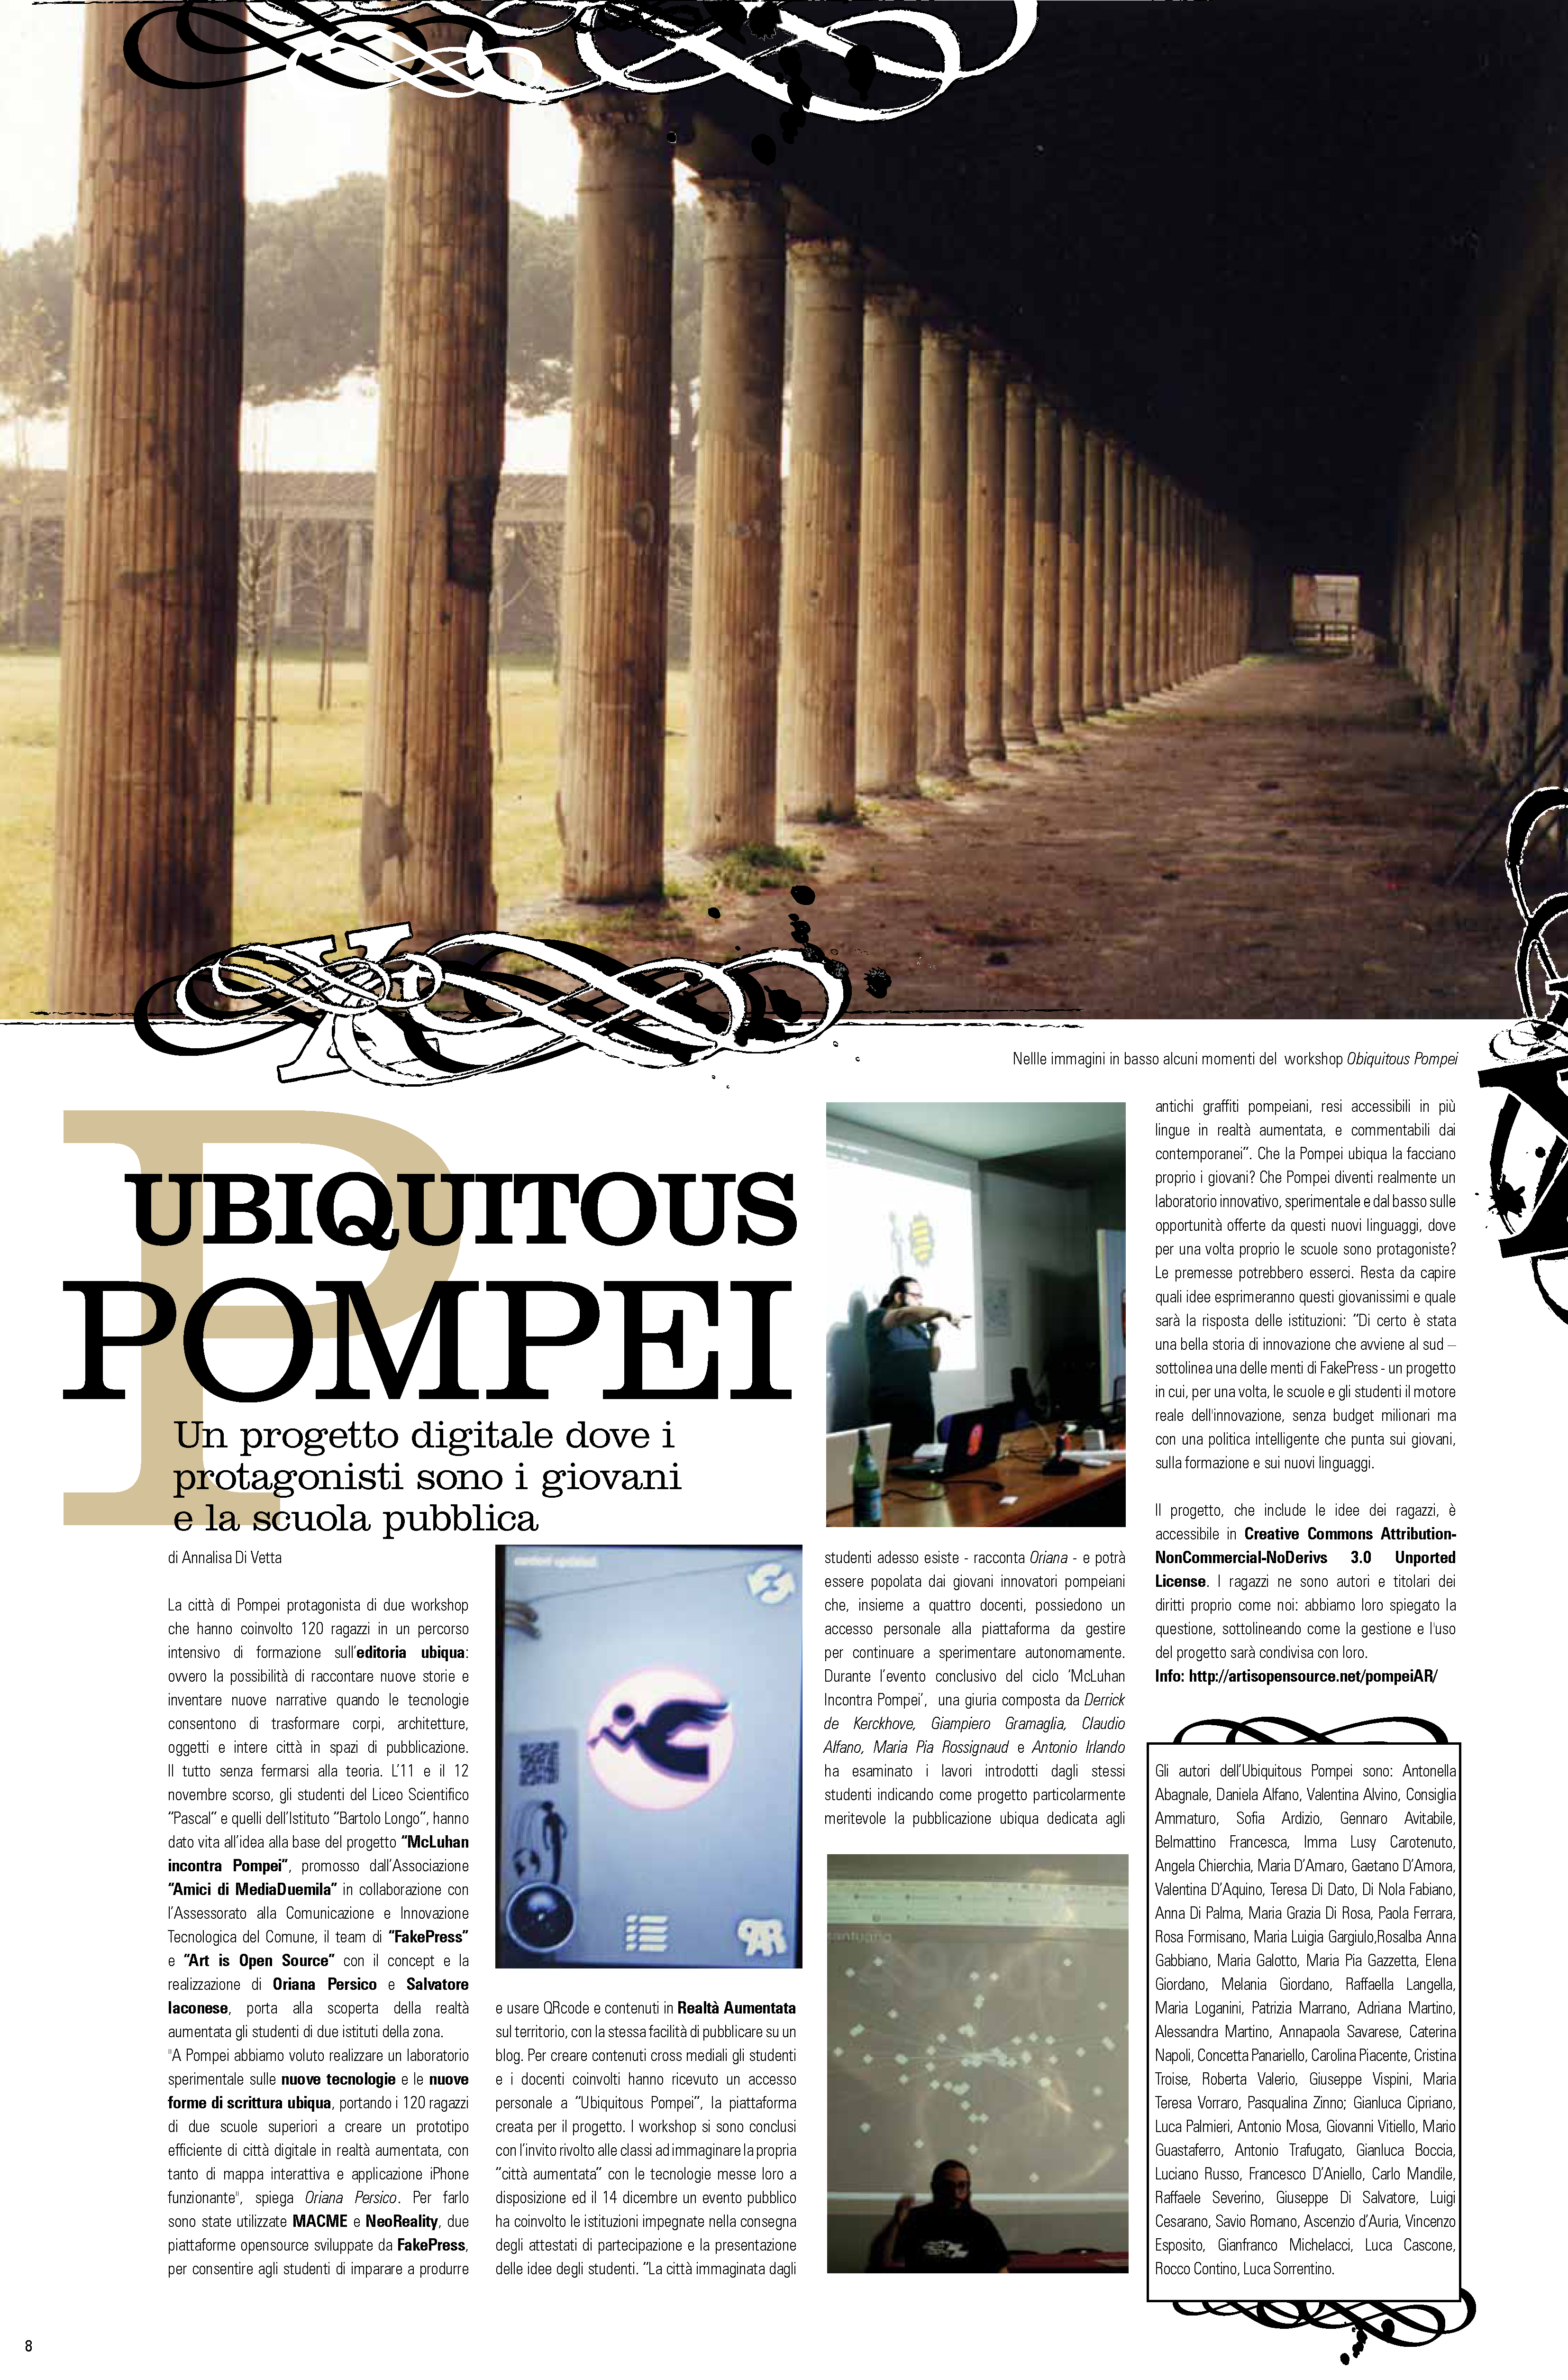 Ubiquitous Pompei on NextExit Magazine